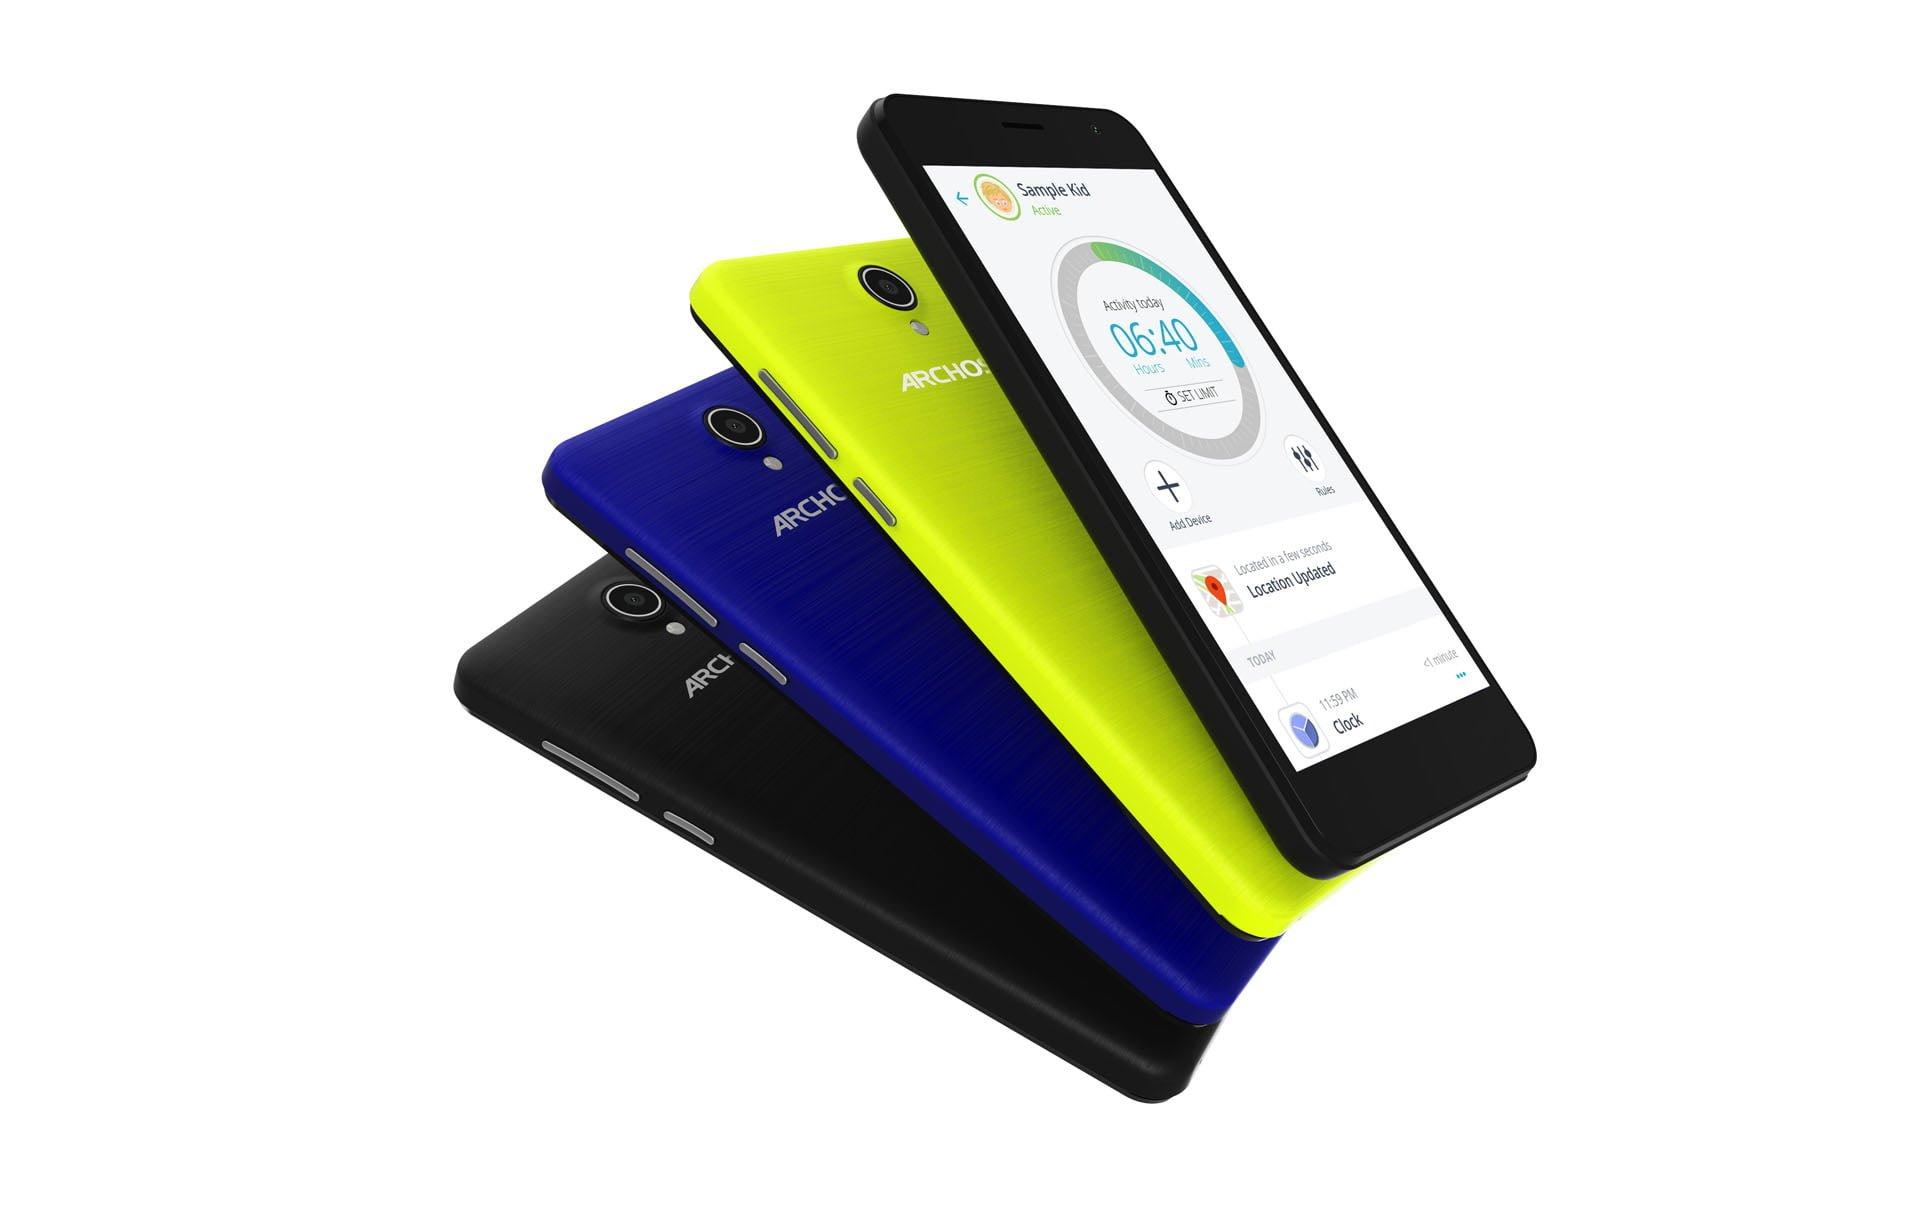 ARCHOS zapowiada nową linię smartfonów i tabletów dla najmłodszych - ARCHOS Junior 25